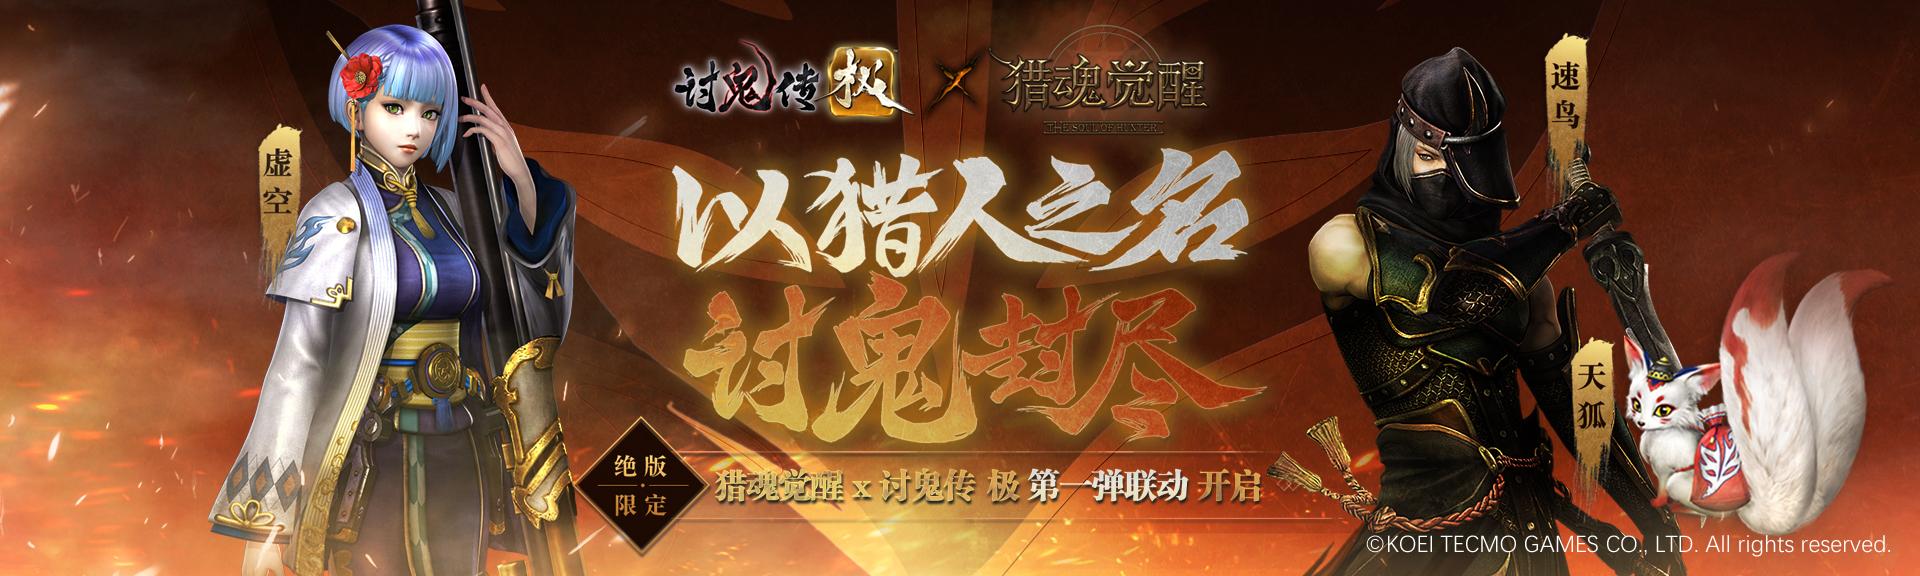 《猎魂觉醒》X《讨鬼传 极》联动12月20日开启 联动内容抢先曝光!